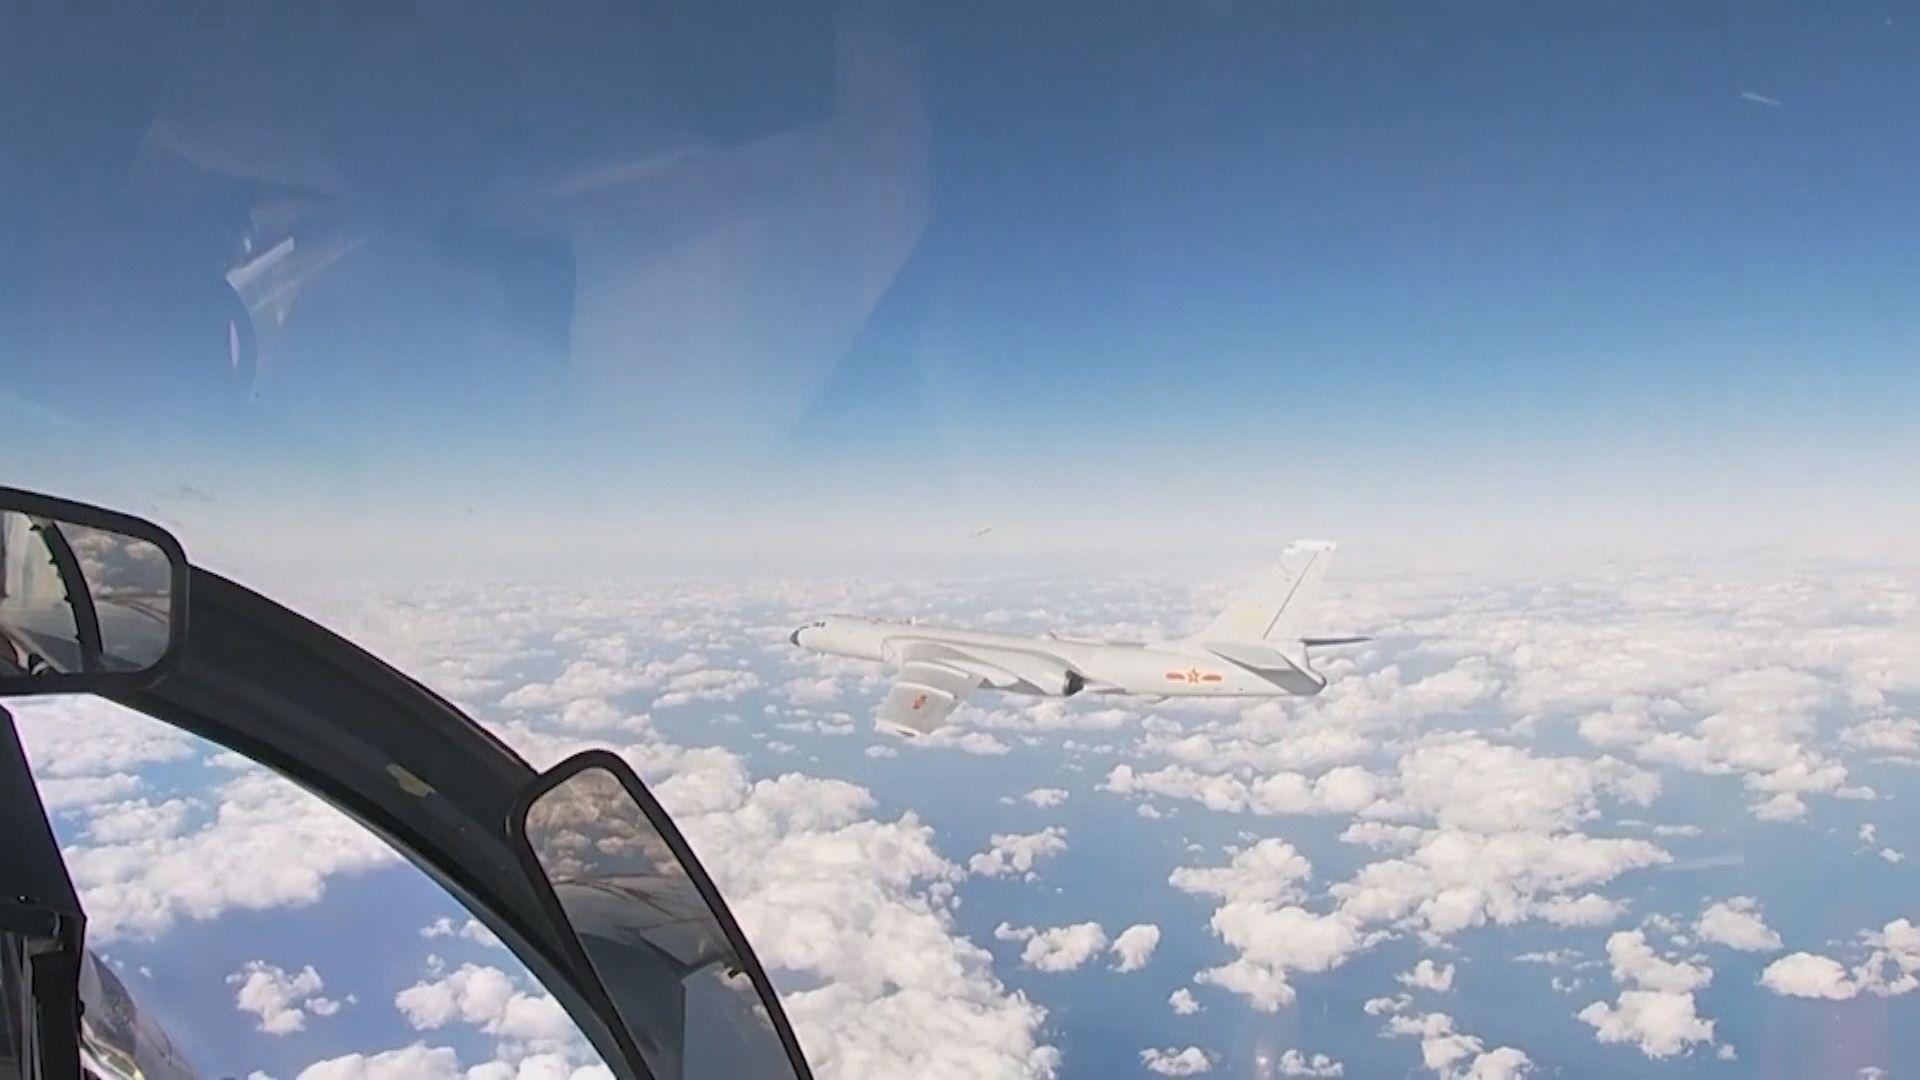 中俄軍機聯合空中戰略巡航 中方指沒進入他國領空